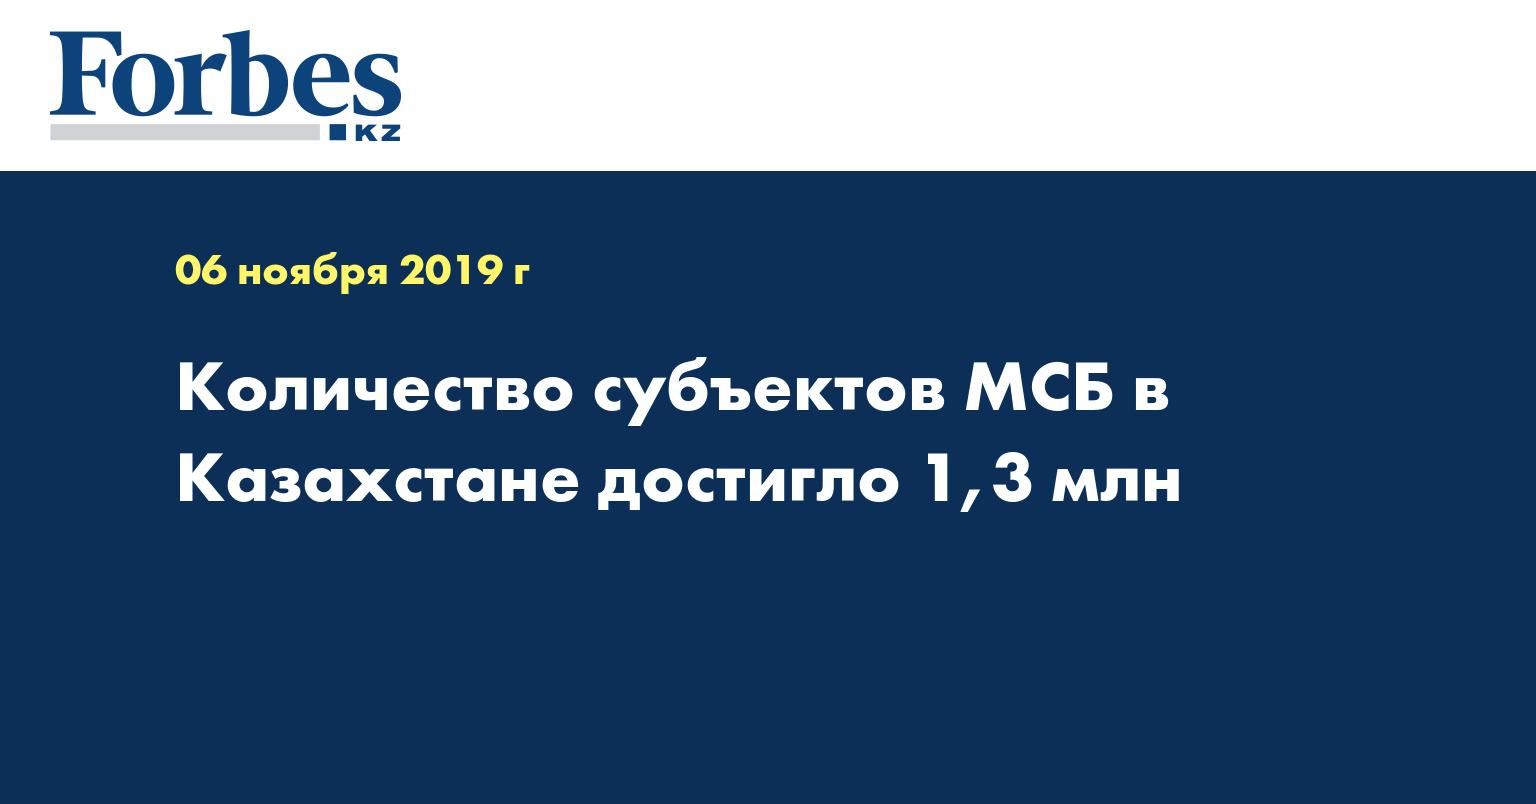 Количество субъектов МСБ в Казахстане достигло 1,3 млн